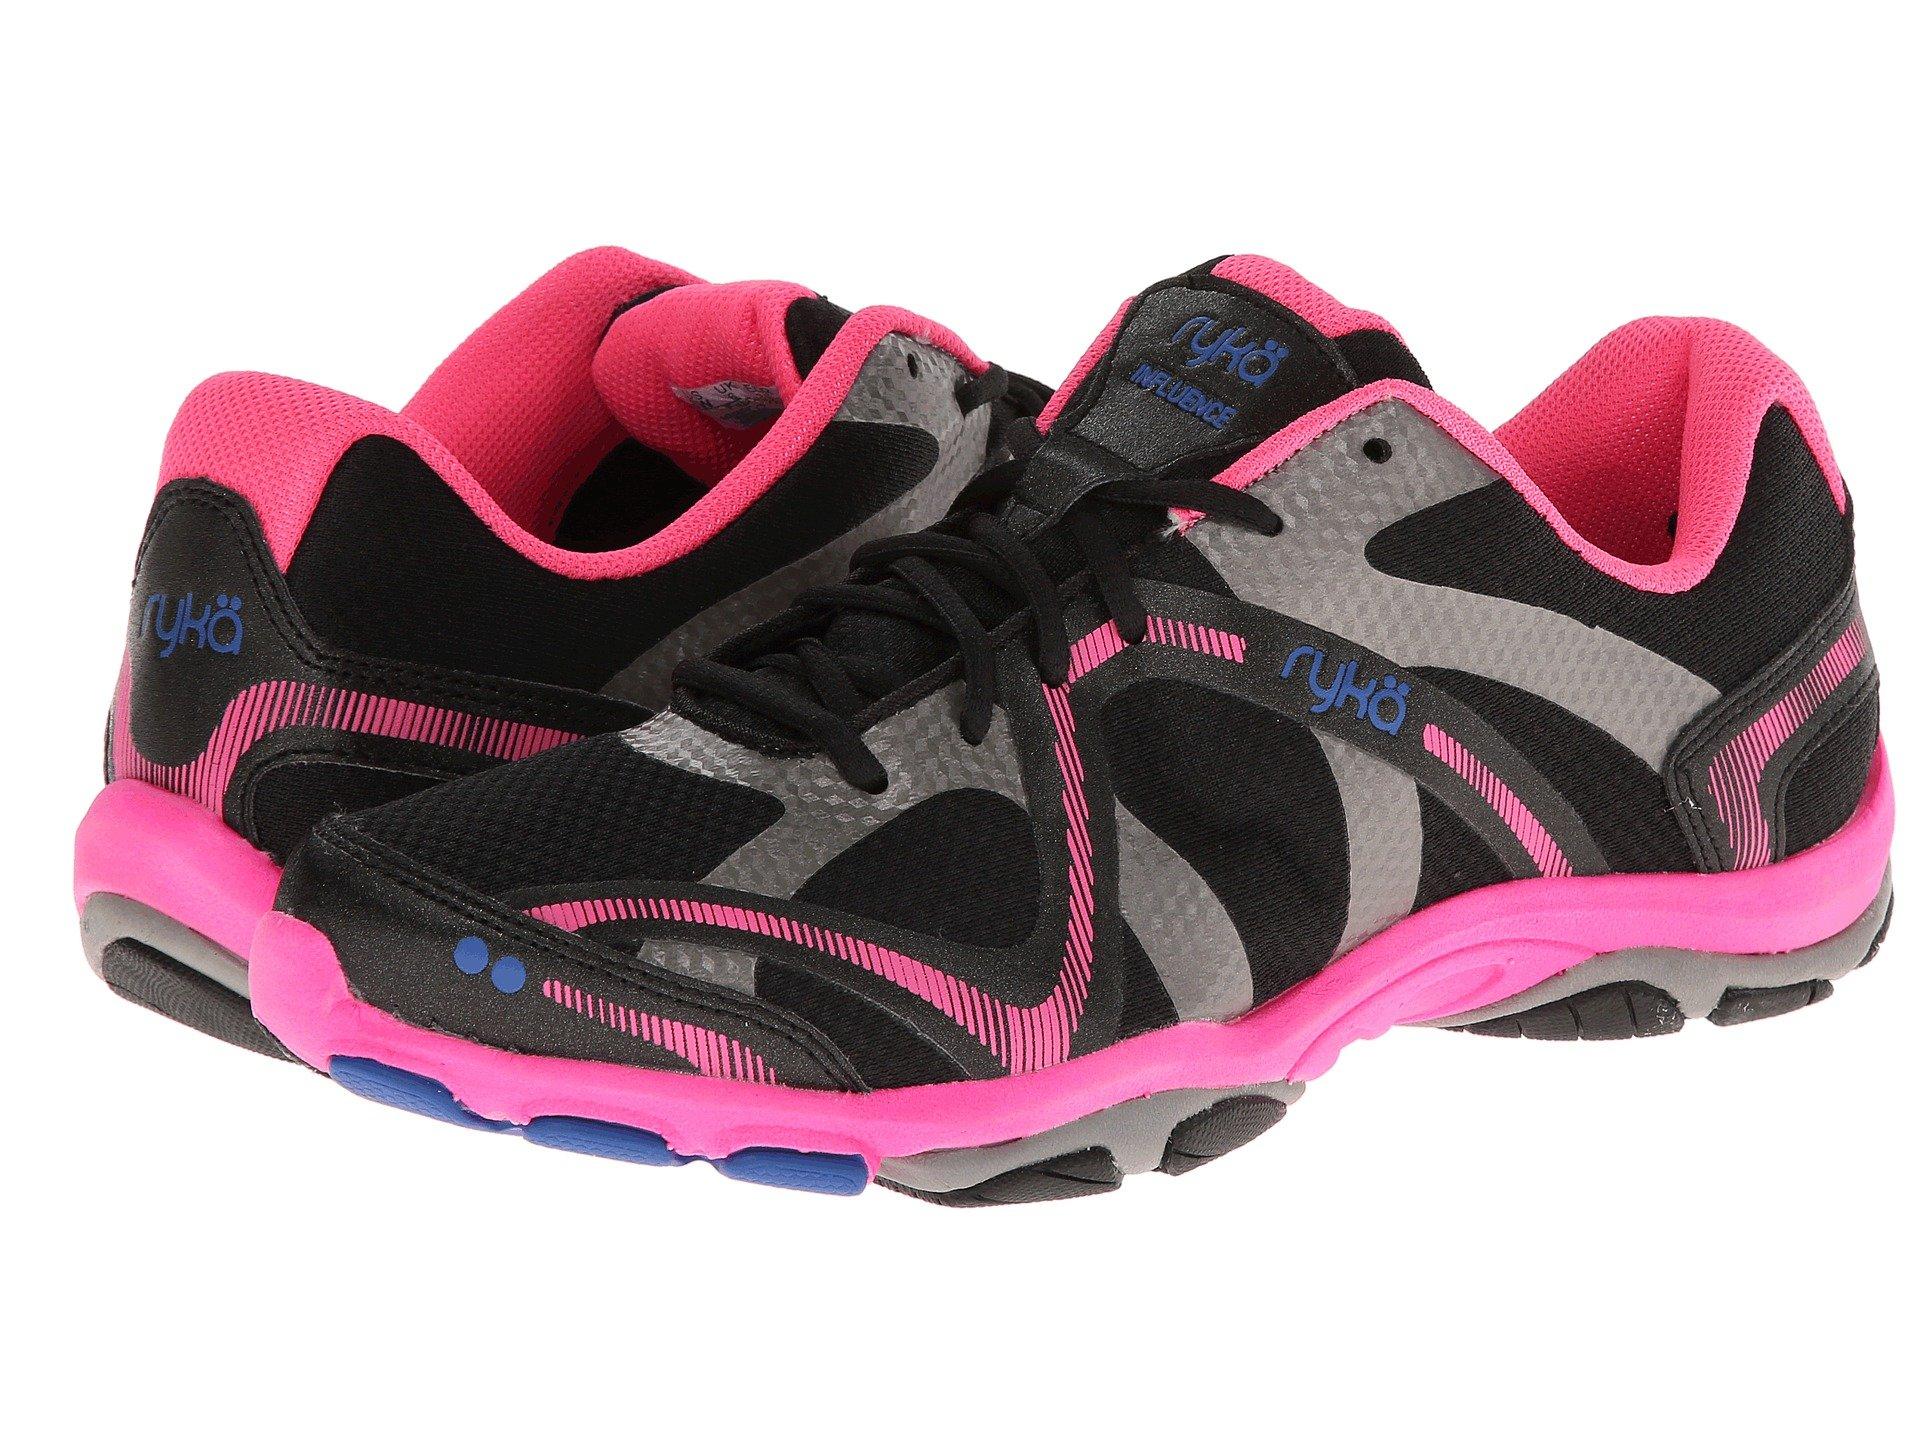 Women s Ryka Shoes + FREE SHIPPING  82579217f4d